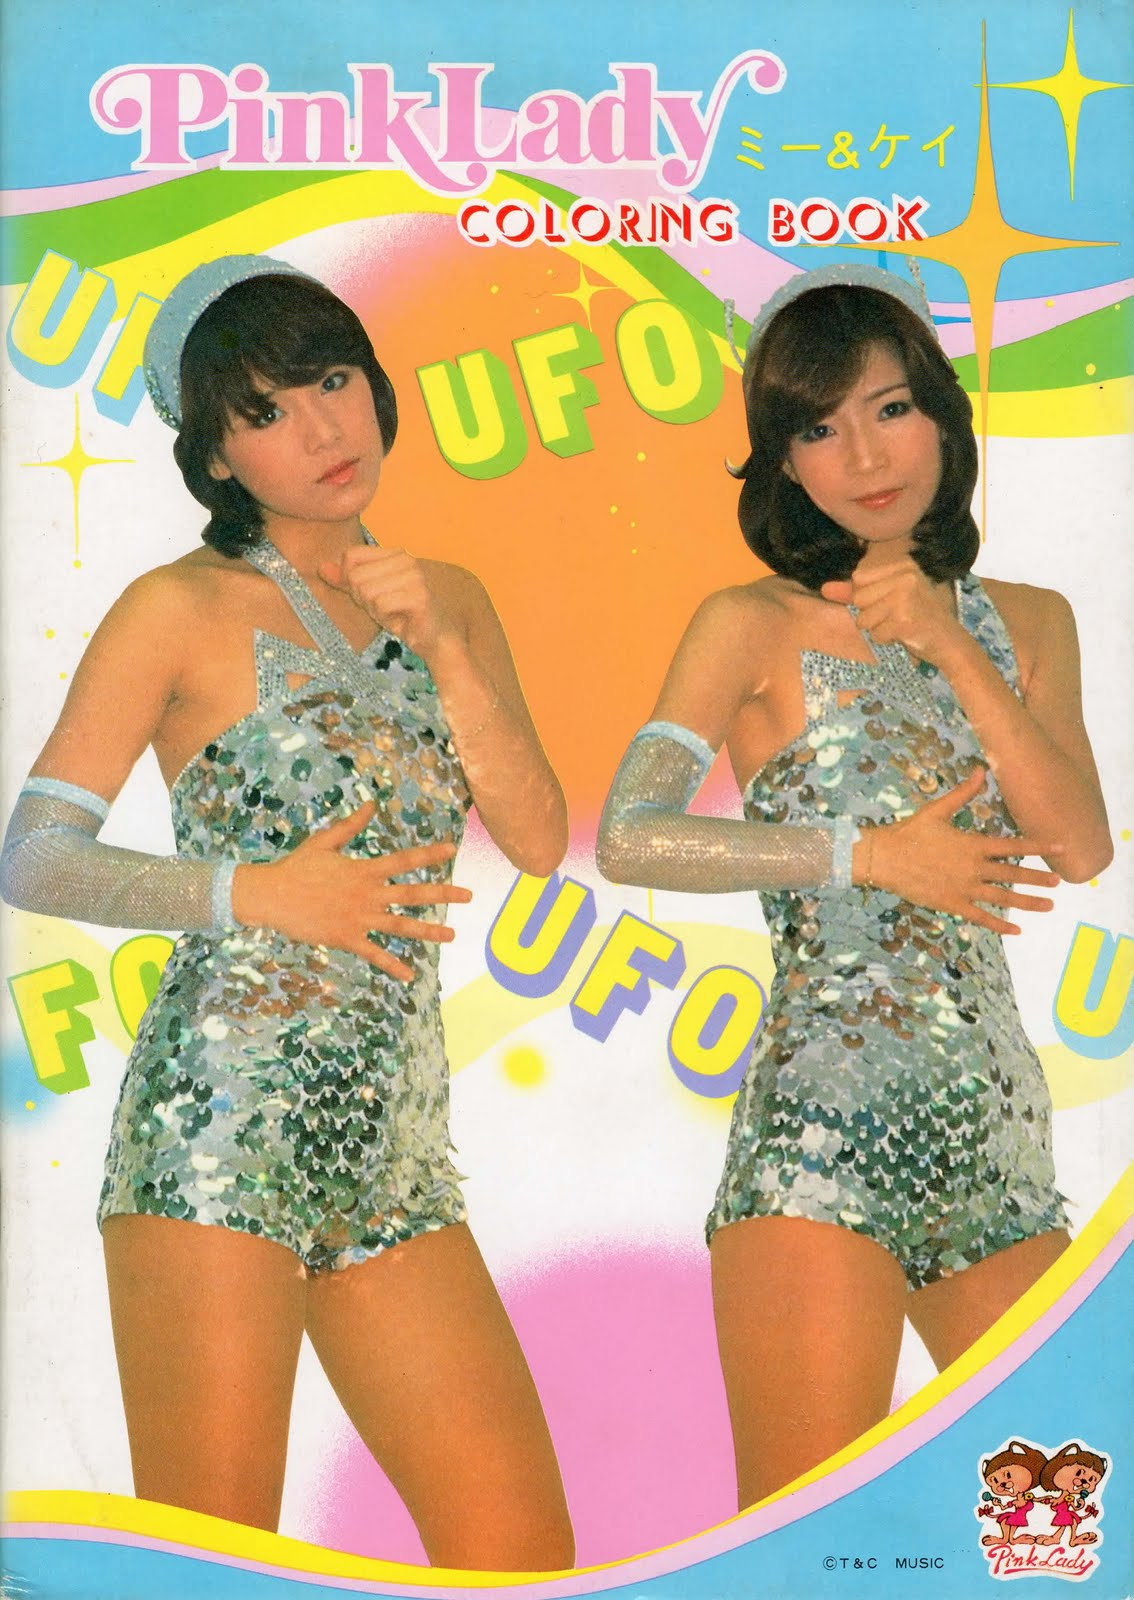 http://2.bp.blogspot.com/_Zhi_aIK1HFc/SxDGTiJJPjI/AAAAAAAAAJM/qhnmr_K9_Fc/s1600/Pink.jpg